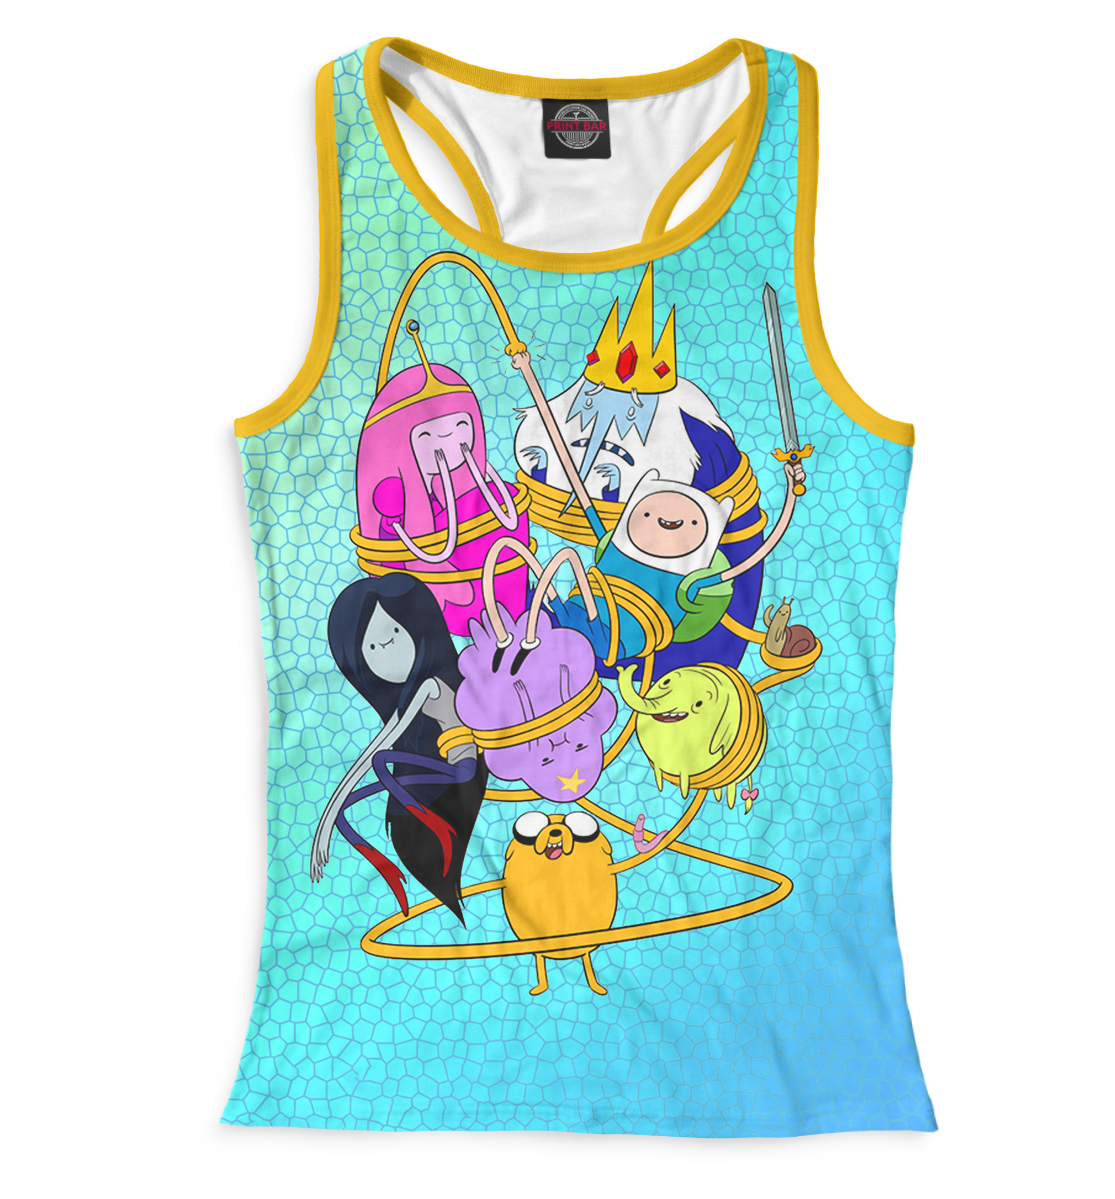 Купить Майка для девочки Adventure Time ADV-721112-mayb-1